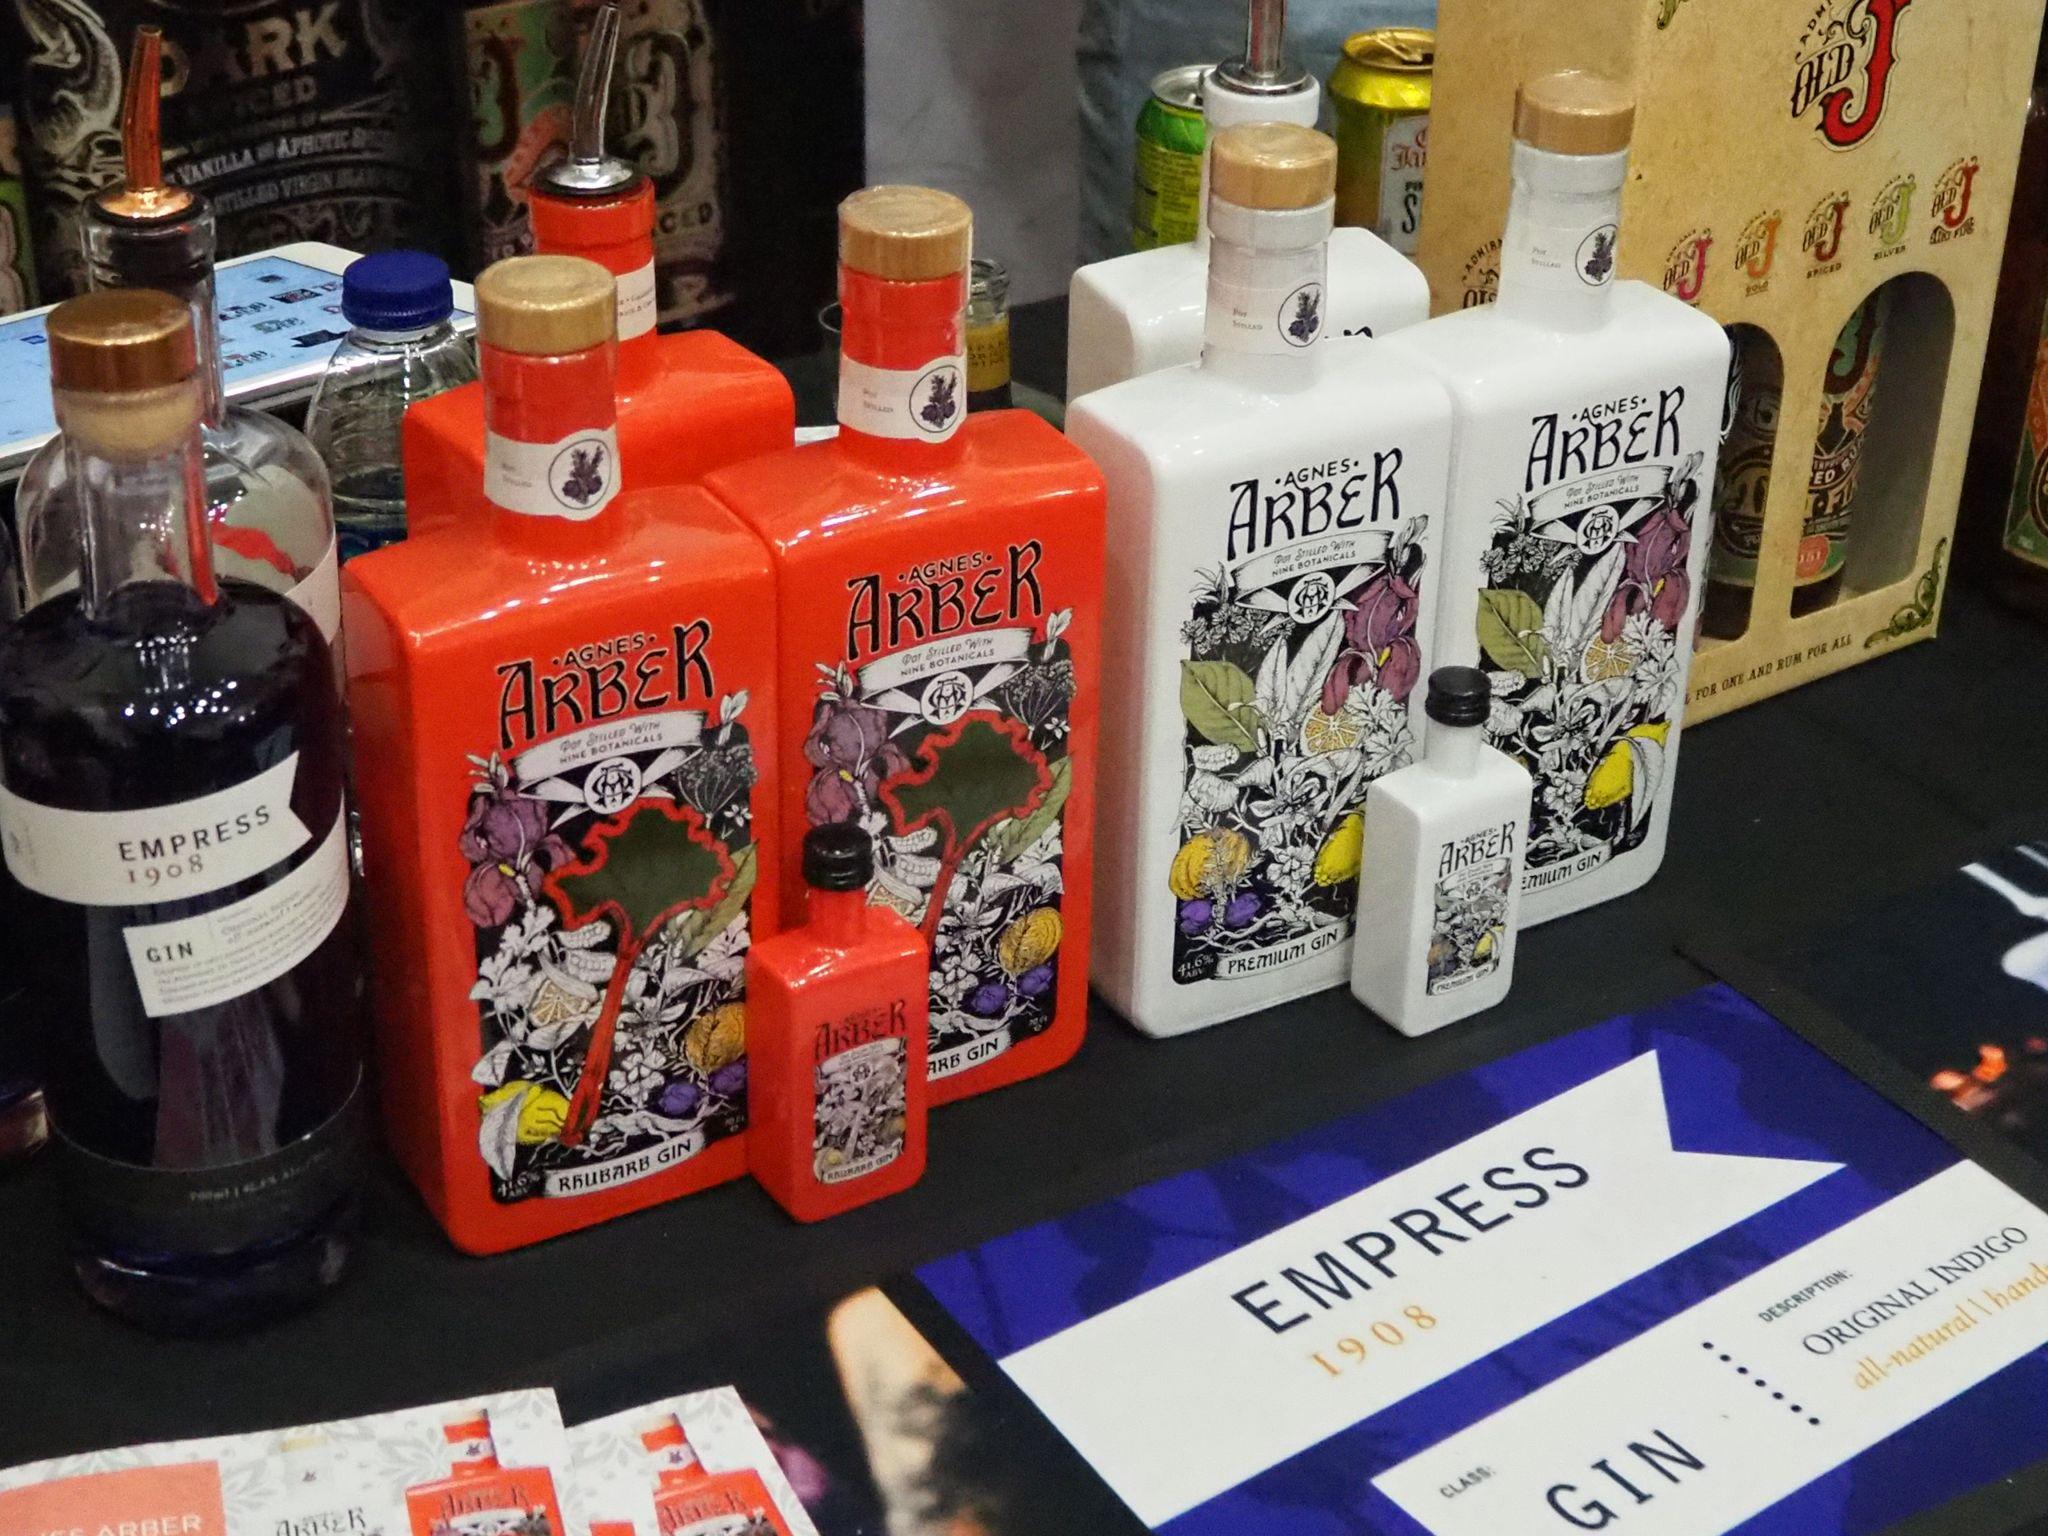 Arbers Gin Stall